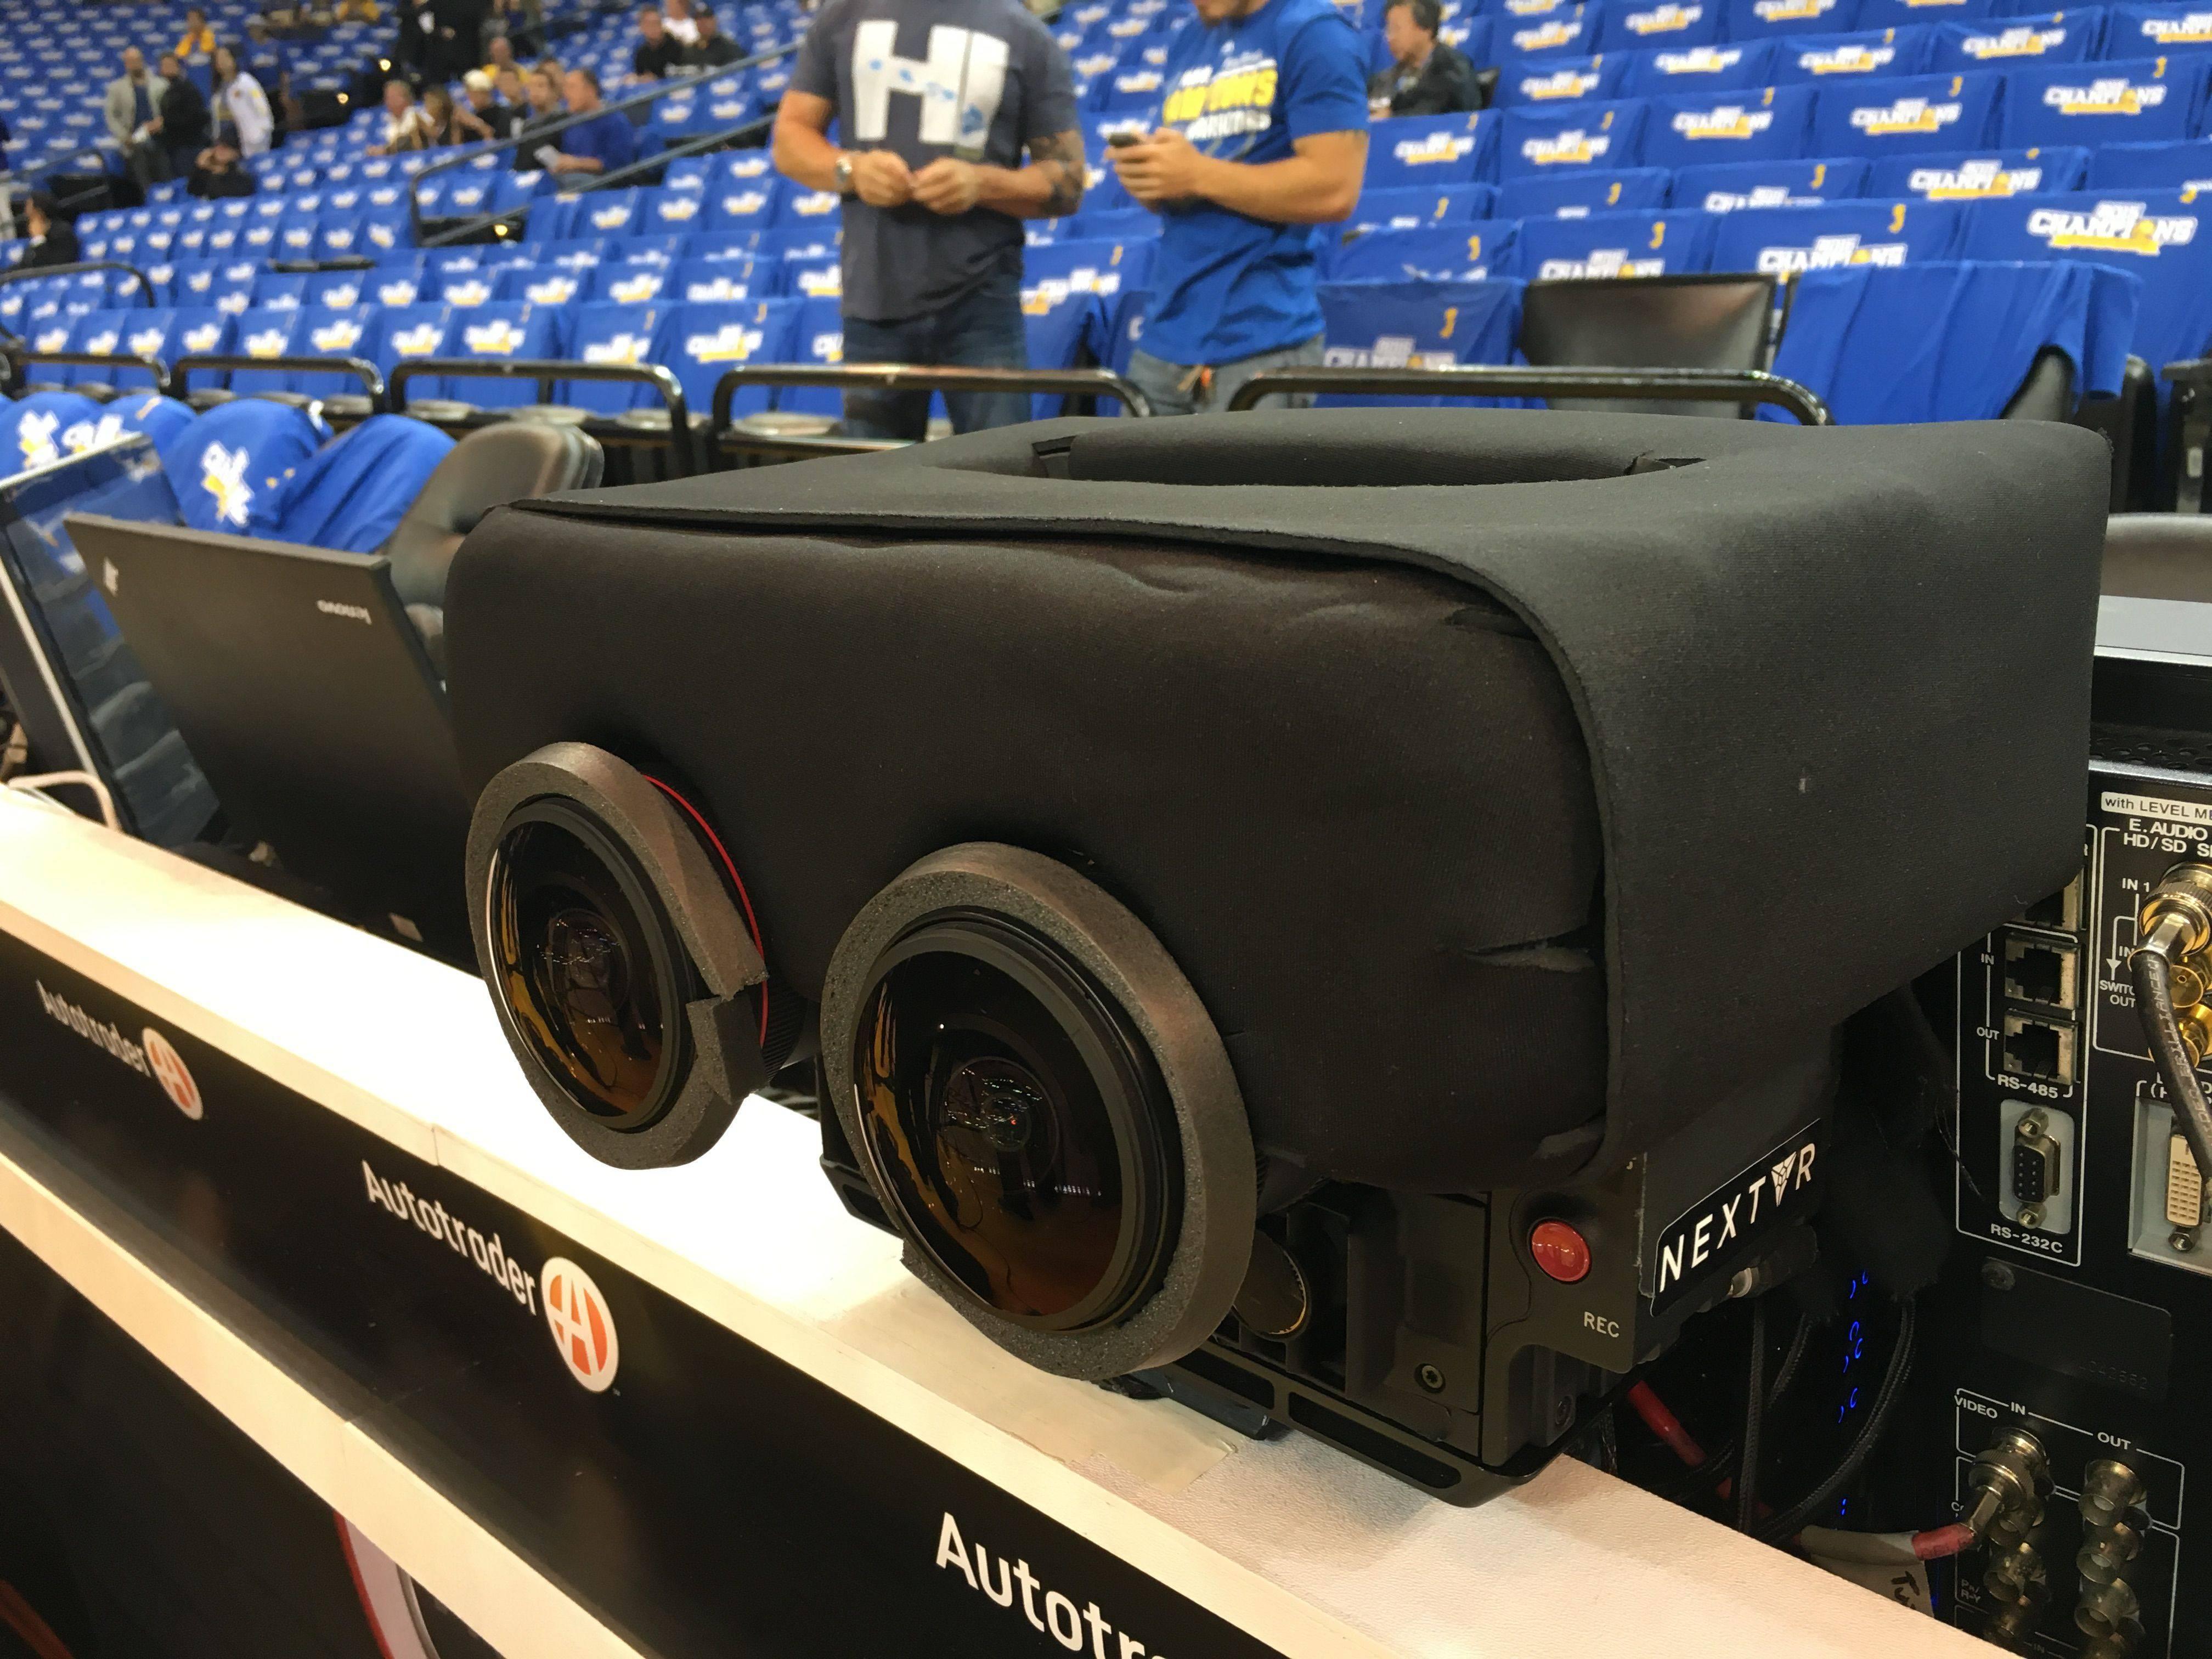 nextvr-camera-2